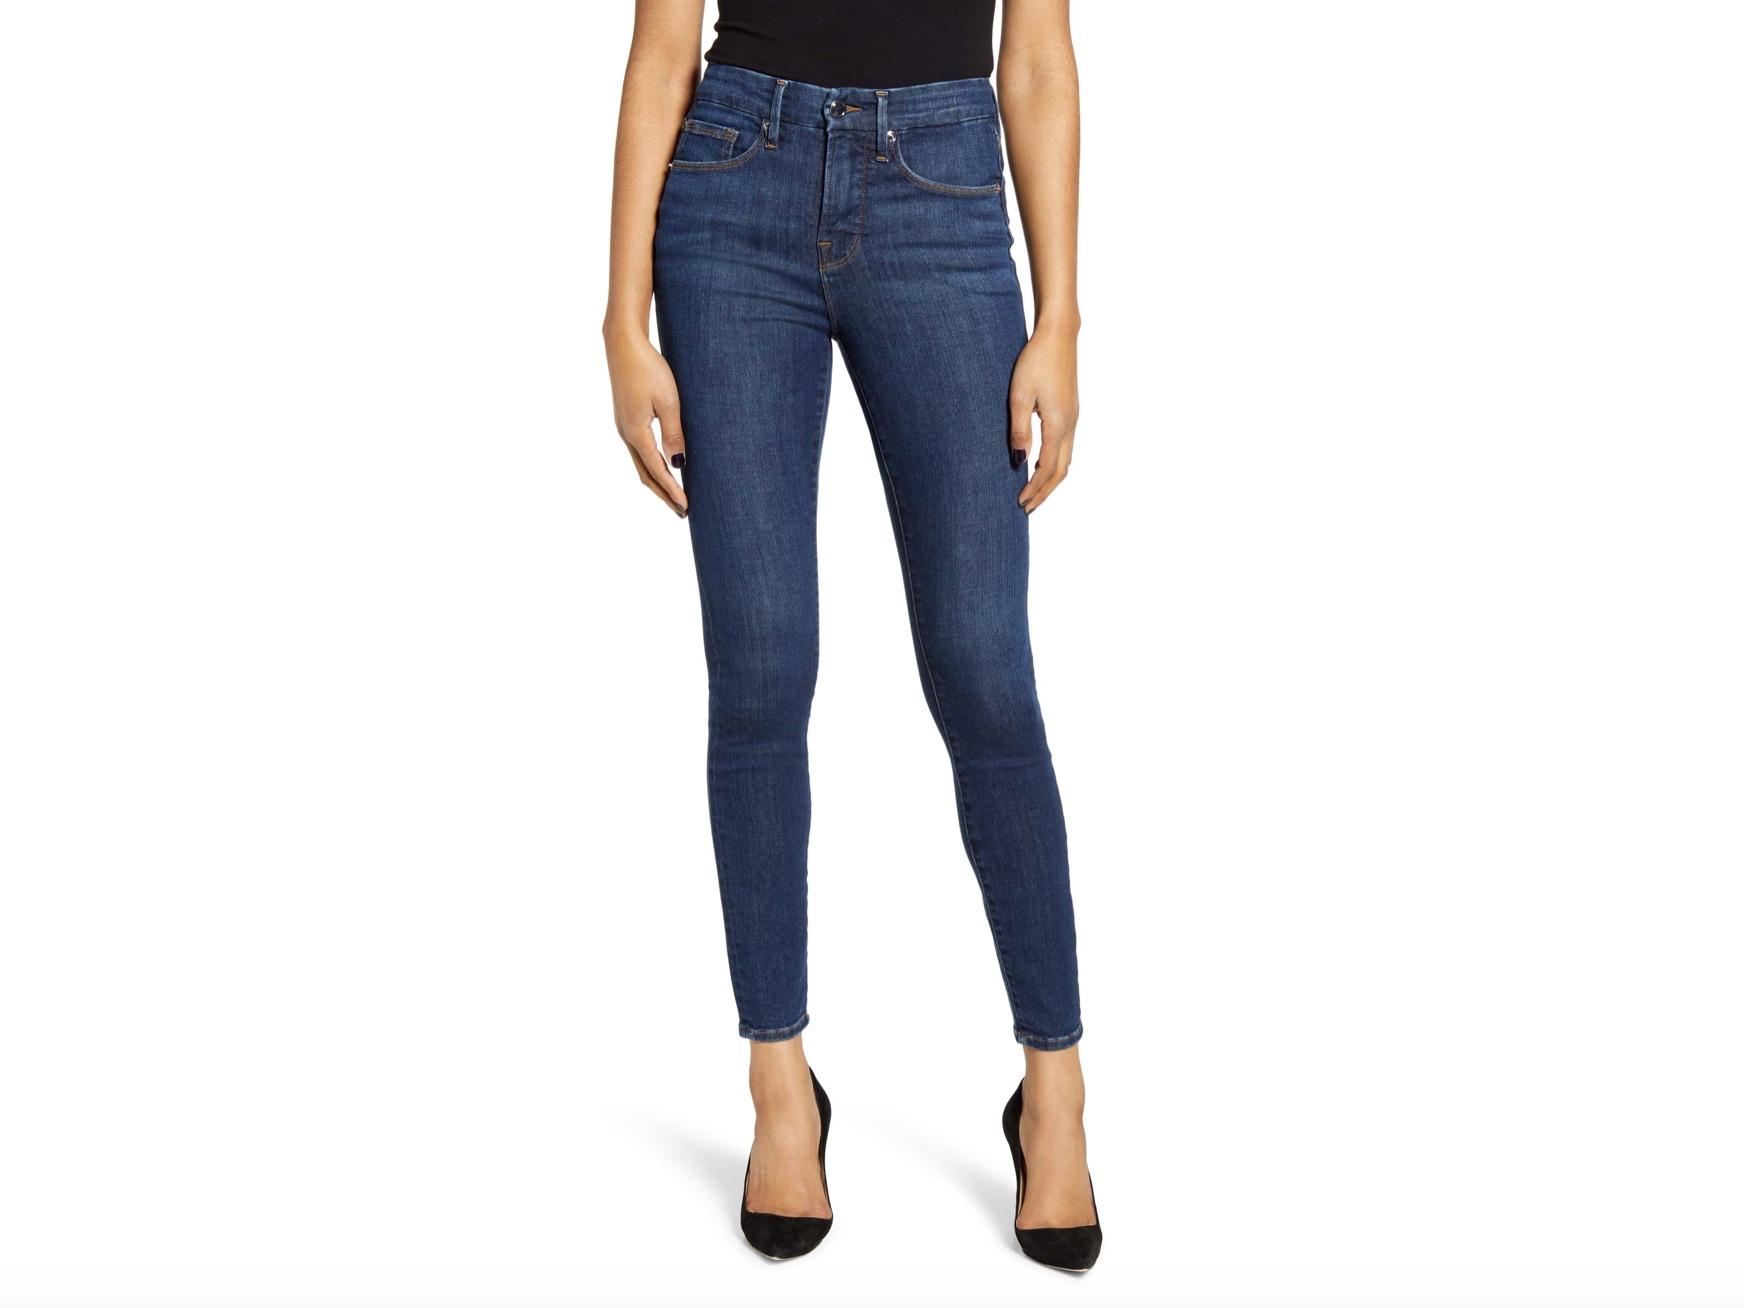 good+american+skinny+jeans.jpg